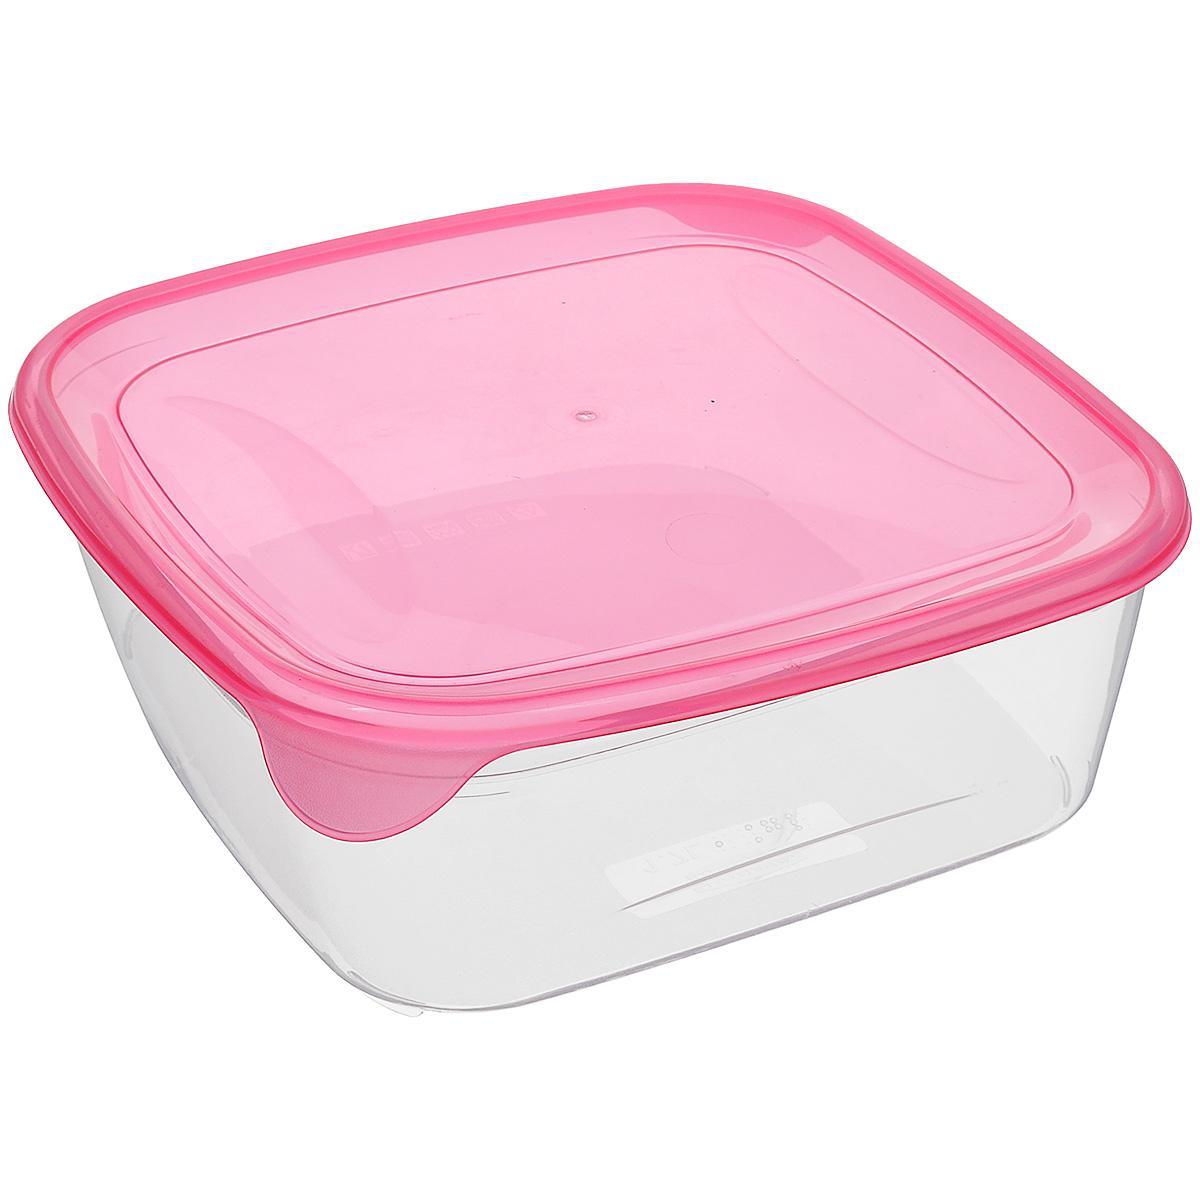 Емкость для заморозки и СВЧ Curver Fresh & Go, цвет: розовый, прозрачный, 1,7 л561_розовый / прозрачныйКвадратная емкость для заморозки и СВЧ Curver изготовлена из высококачественного пищевого пластика (BPA free), который выдерживает температуру от -40°С до +100°С. Стенки емкости прозрачные. Полупрозрачная цветная крышка плотно закрывается, дольше сохраняя продукты свежими и вкусными. Емкость удобно брать с собой на работу, учебу, пикник или просто использовать для хранения пищи в холодильнике. Можно использовать в микроволновой печи и для заморозки в морозильной камере. Можно мыть в посудомоечной машине.